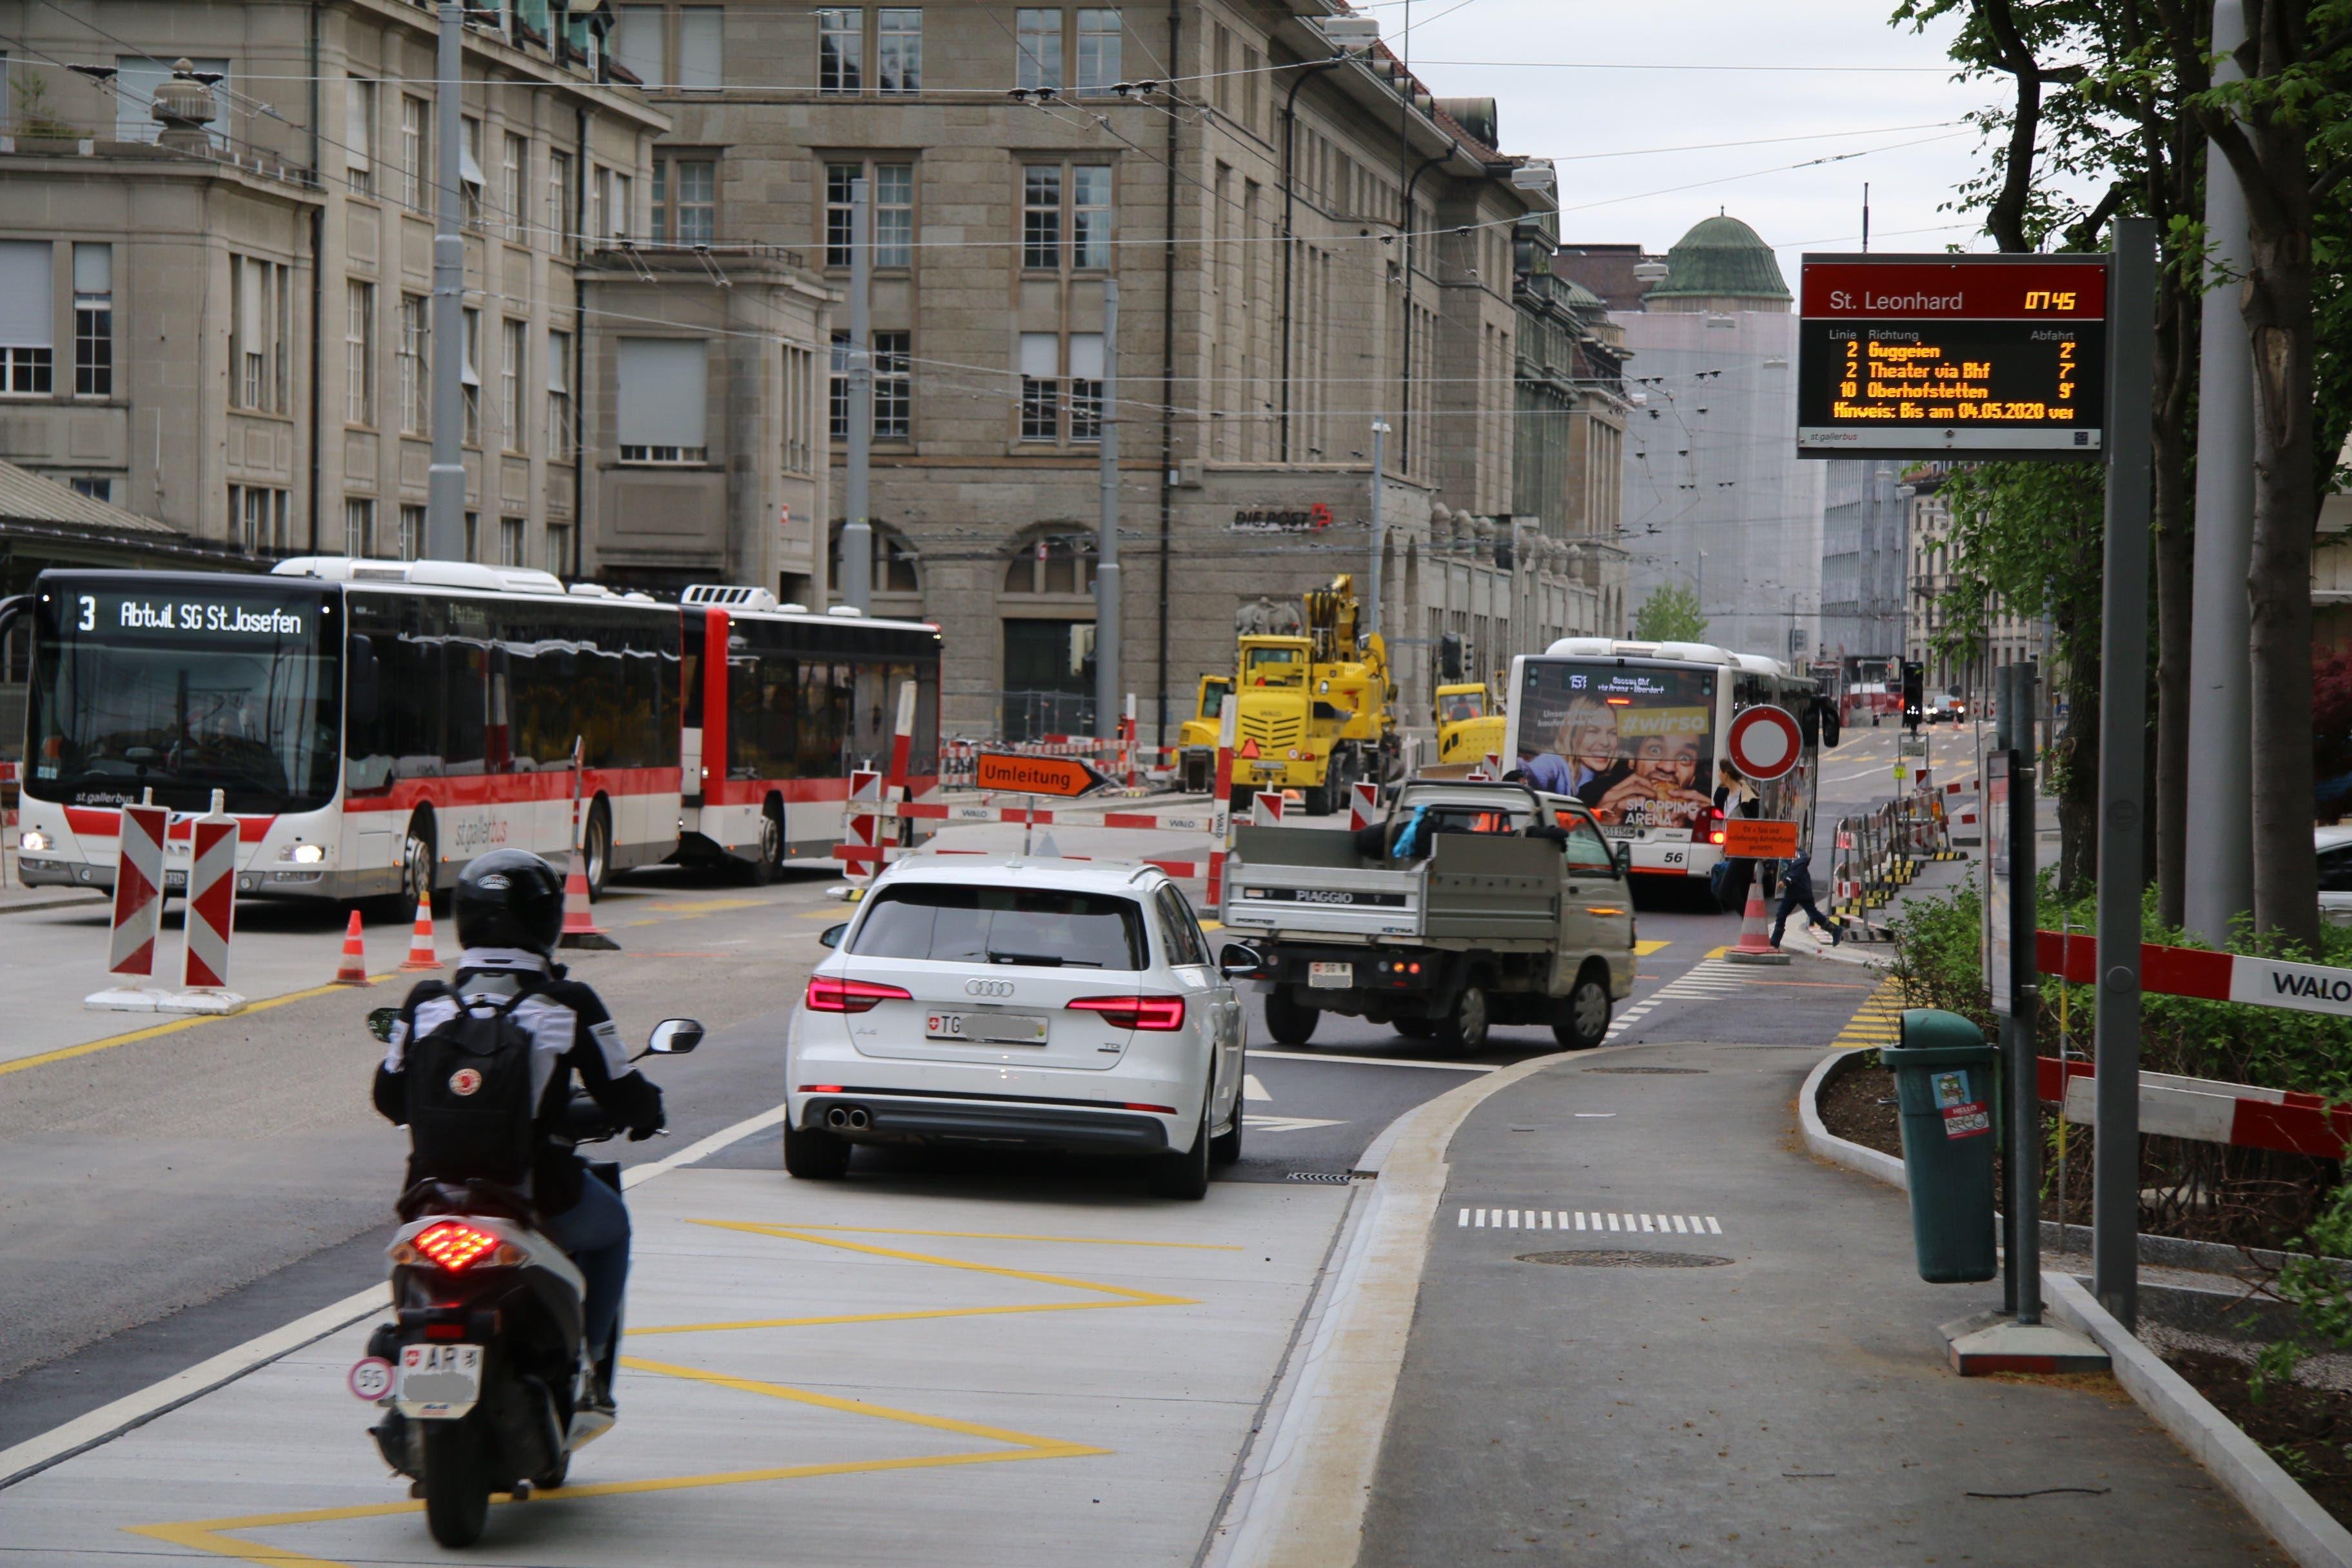 Umleitung: Am ende des Leonhardspärkleins wird der Verkehr in die Kesslerstrasse umgeleitet. Geradeaus geht's aufgrund der Bauarbeiten am Verkehrsknoten Gäbris-/St.Leonhard-Strasse bis im Juni nur noch für Busse und Postautos.